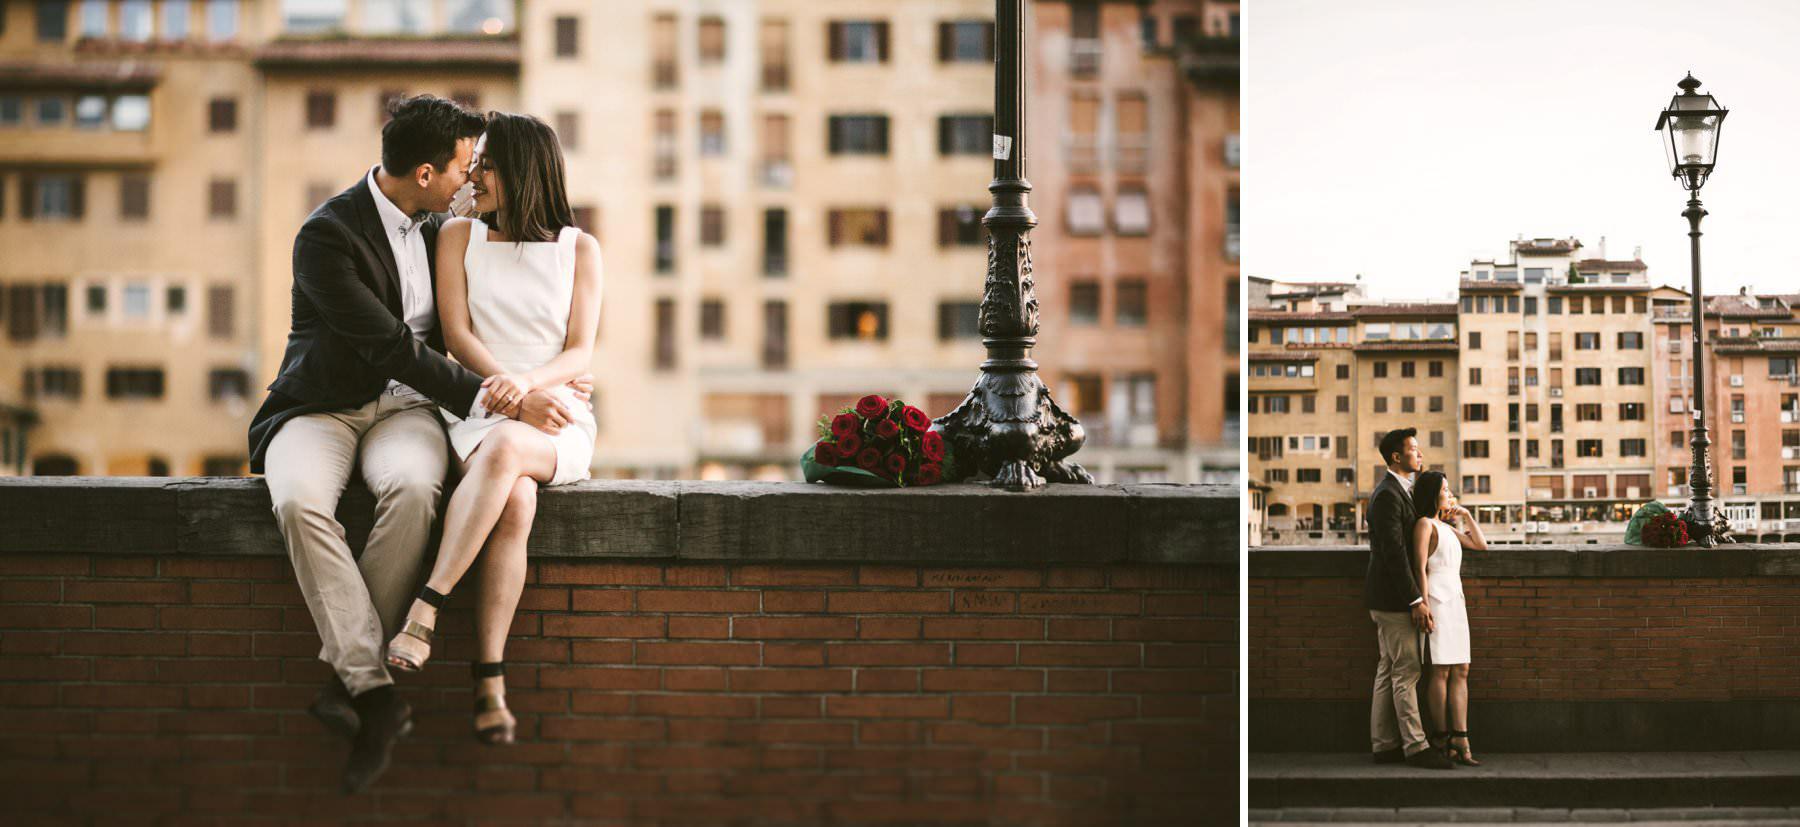 Florence romantic engagement photo shoot near Ponte Vecchio